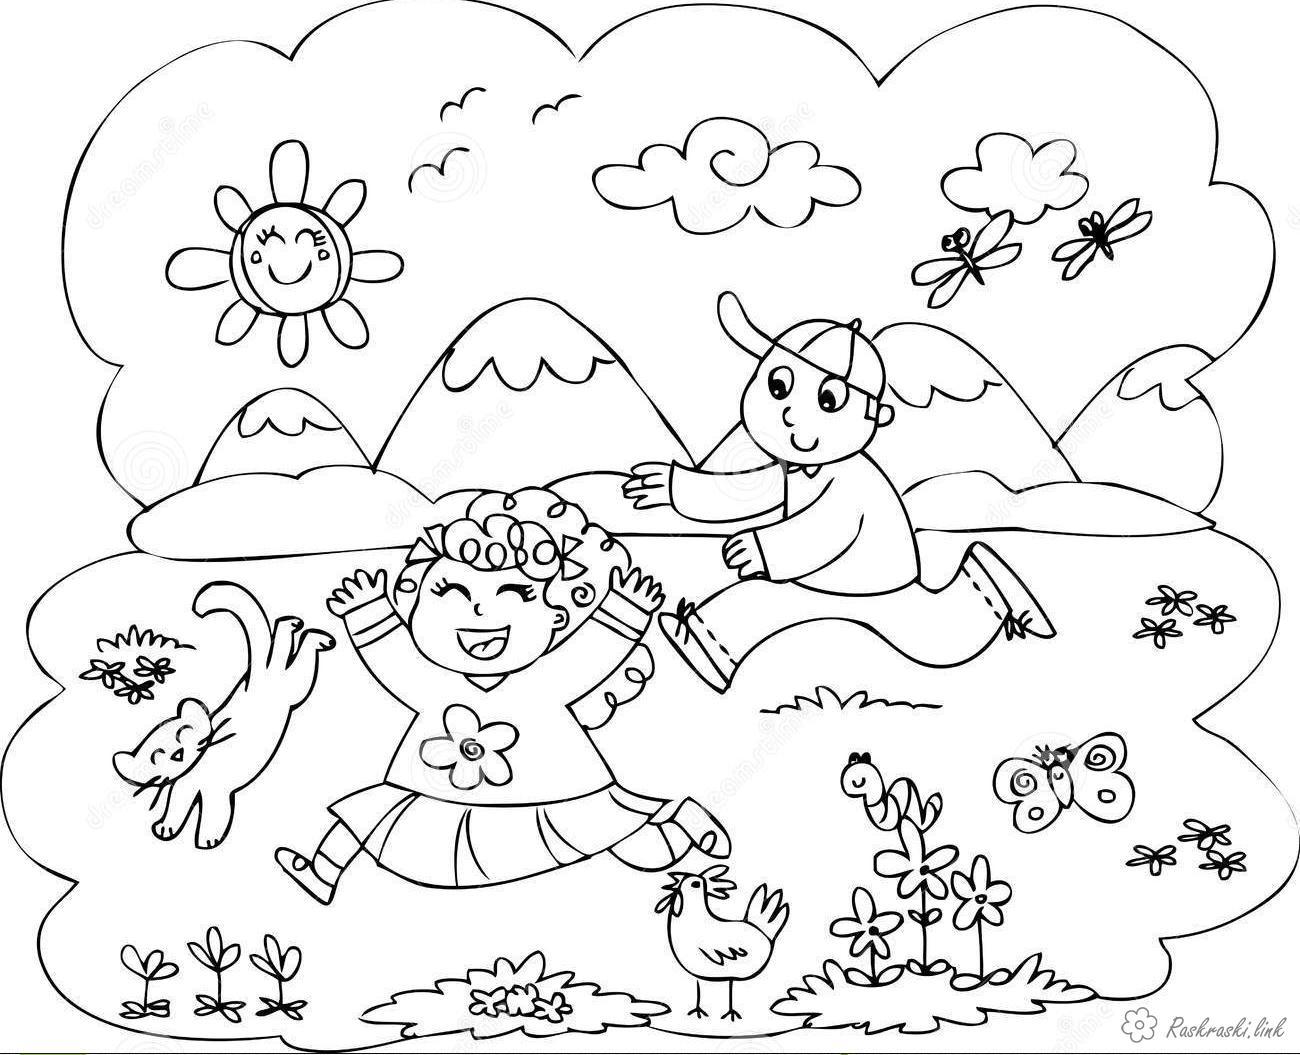 Розмальовки діти Свято 1 червня День захисту дітей діти хлопчик дівчинка гра салочки літо